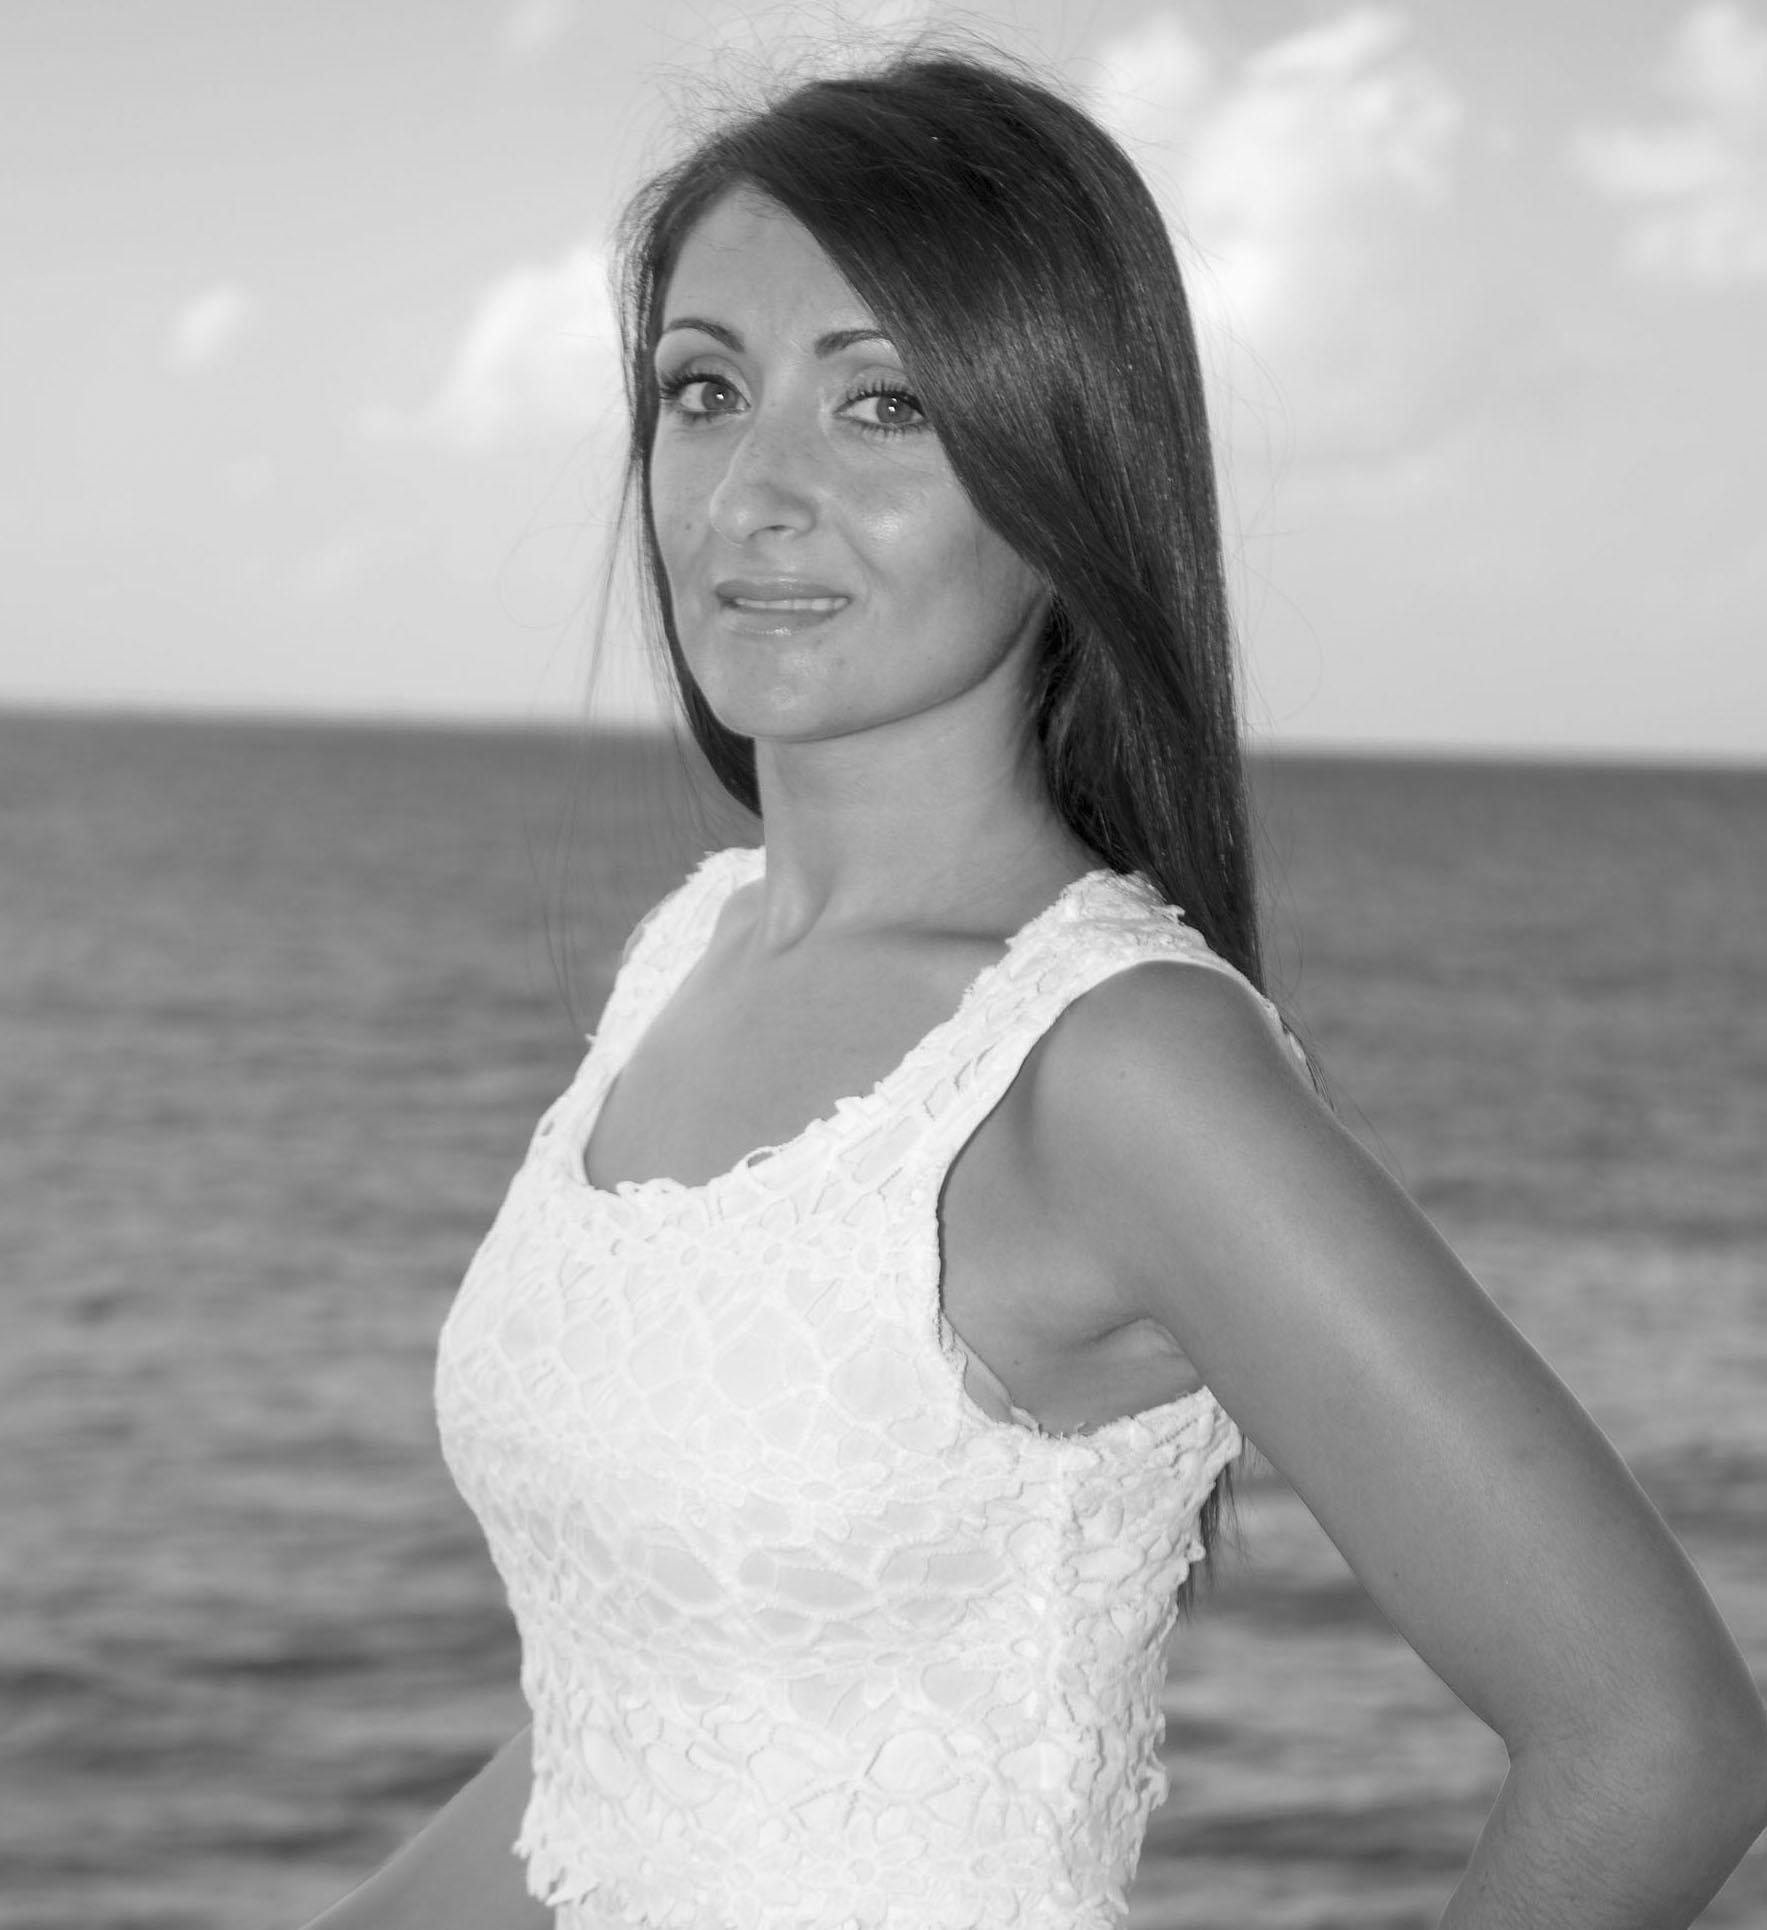 Vanesa Ibanez